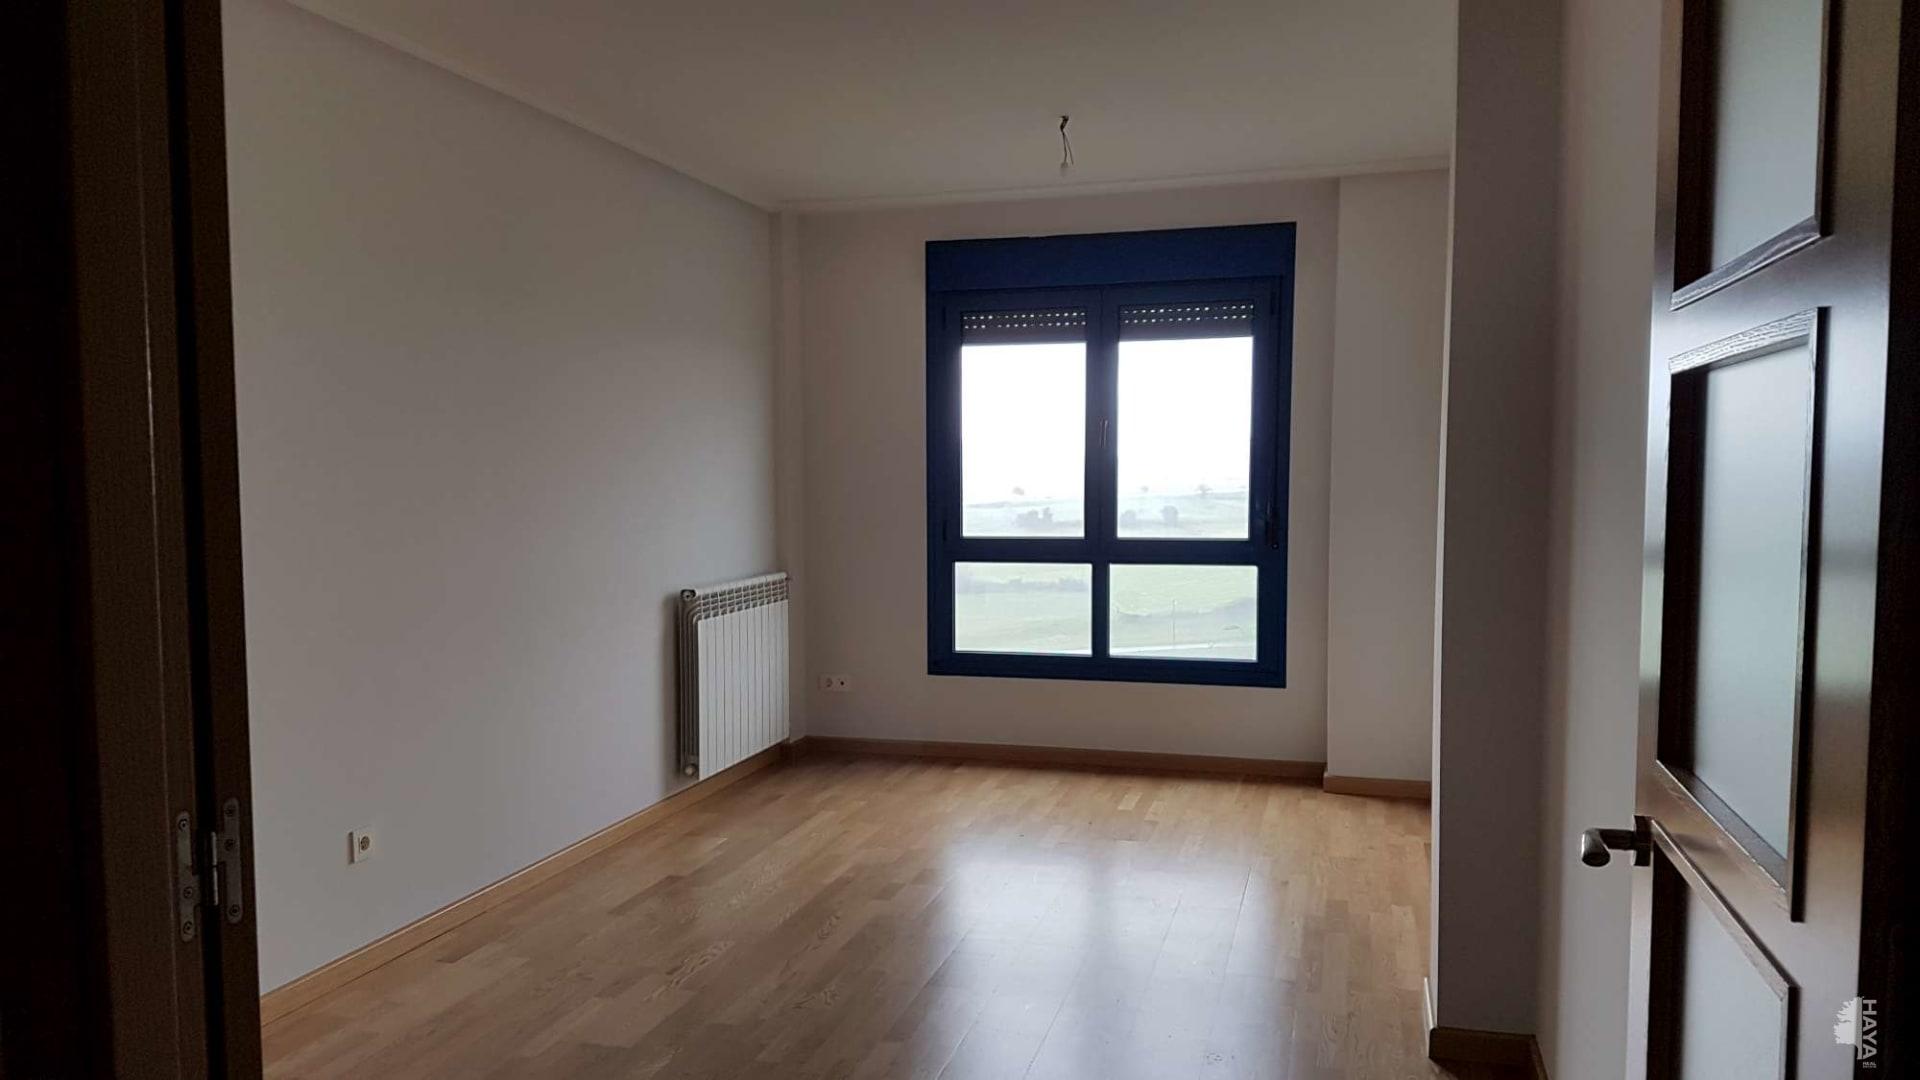 Piso en venta en Favila, Corvera de Asturias, Asturias, Pasaje del Manzano, 105.700 €, 3 habitaciones, 1 baño, 82 m2